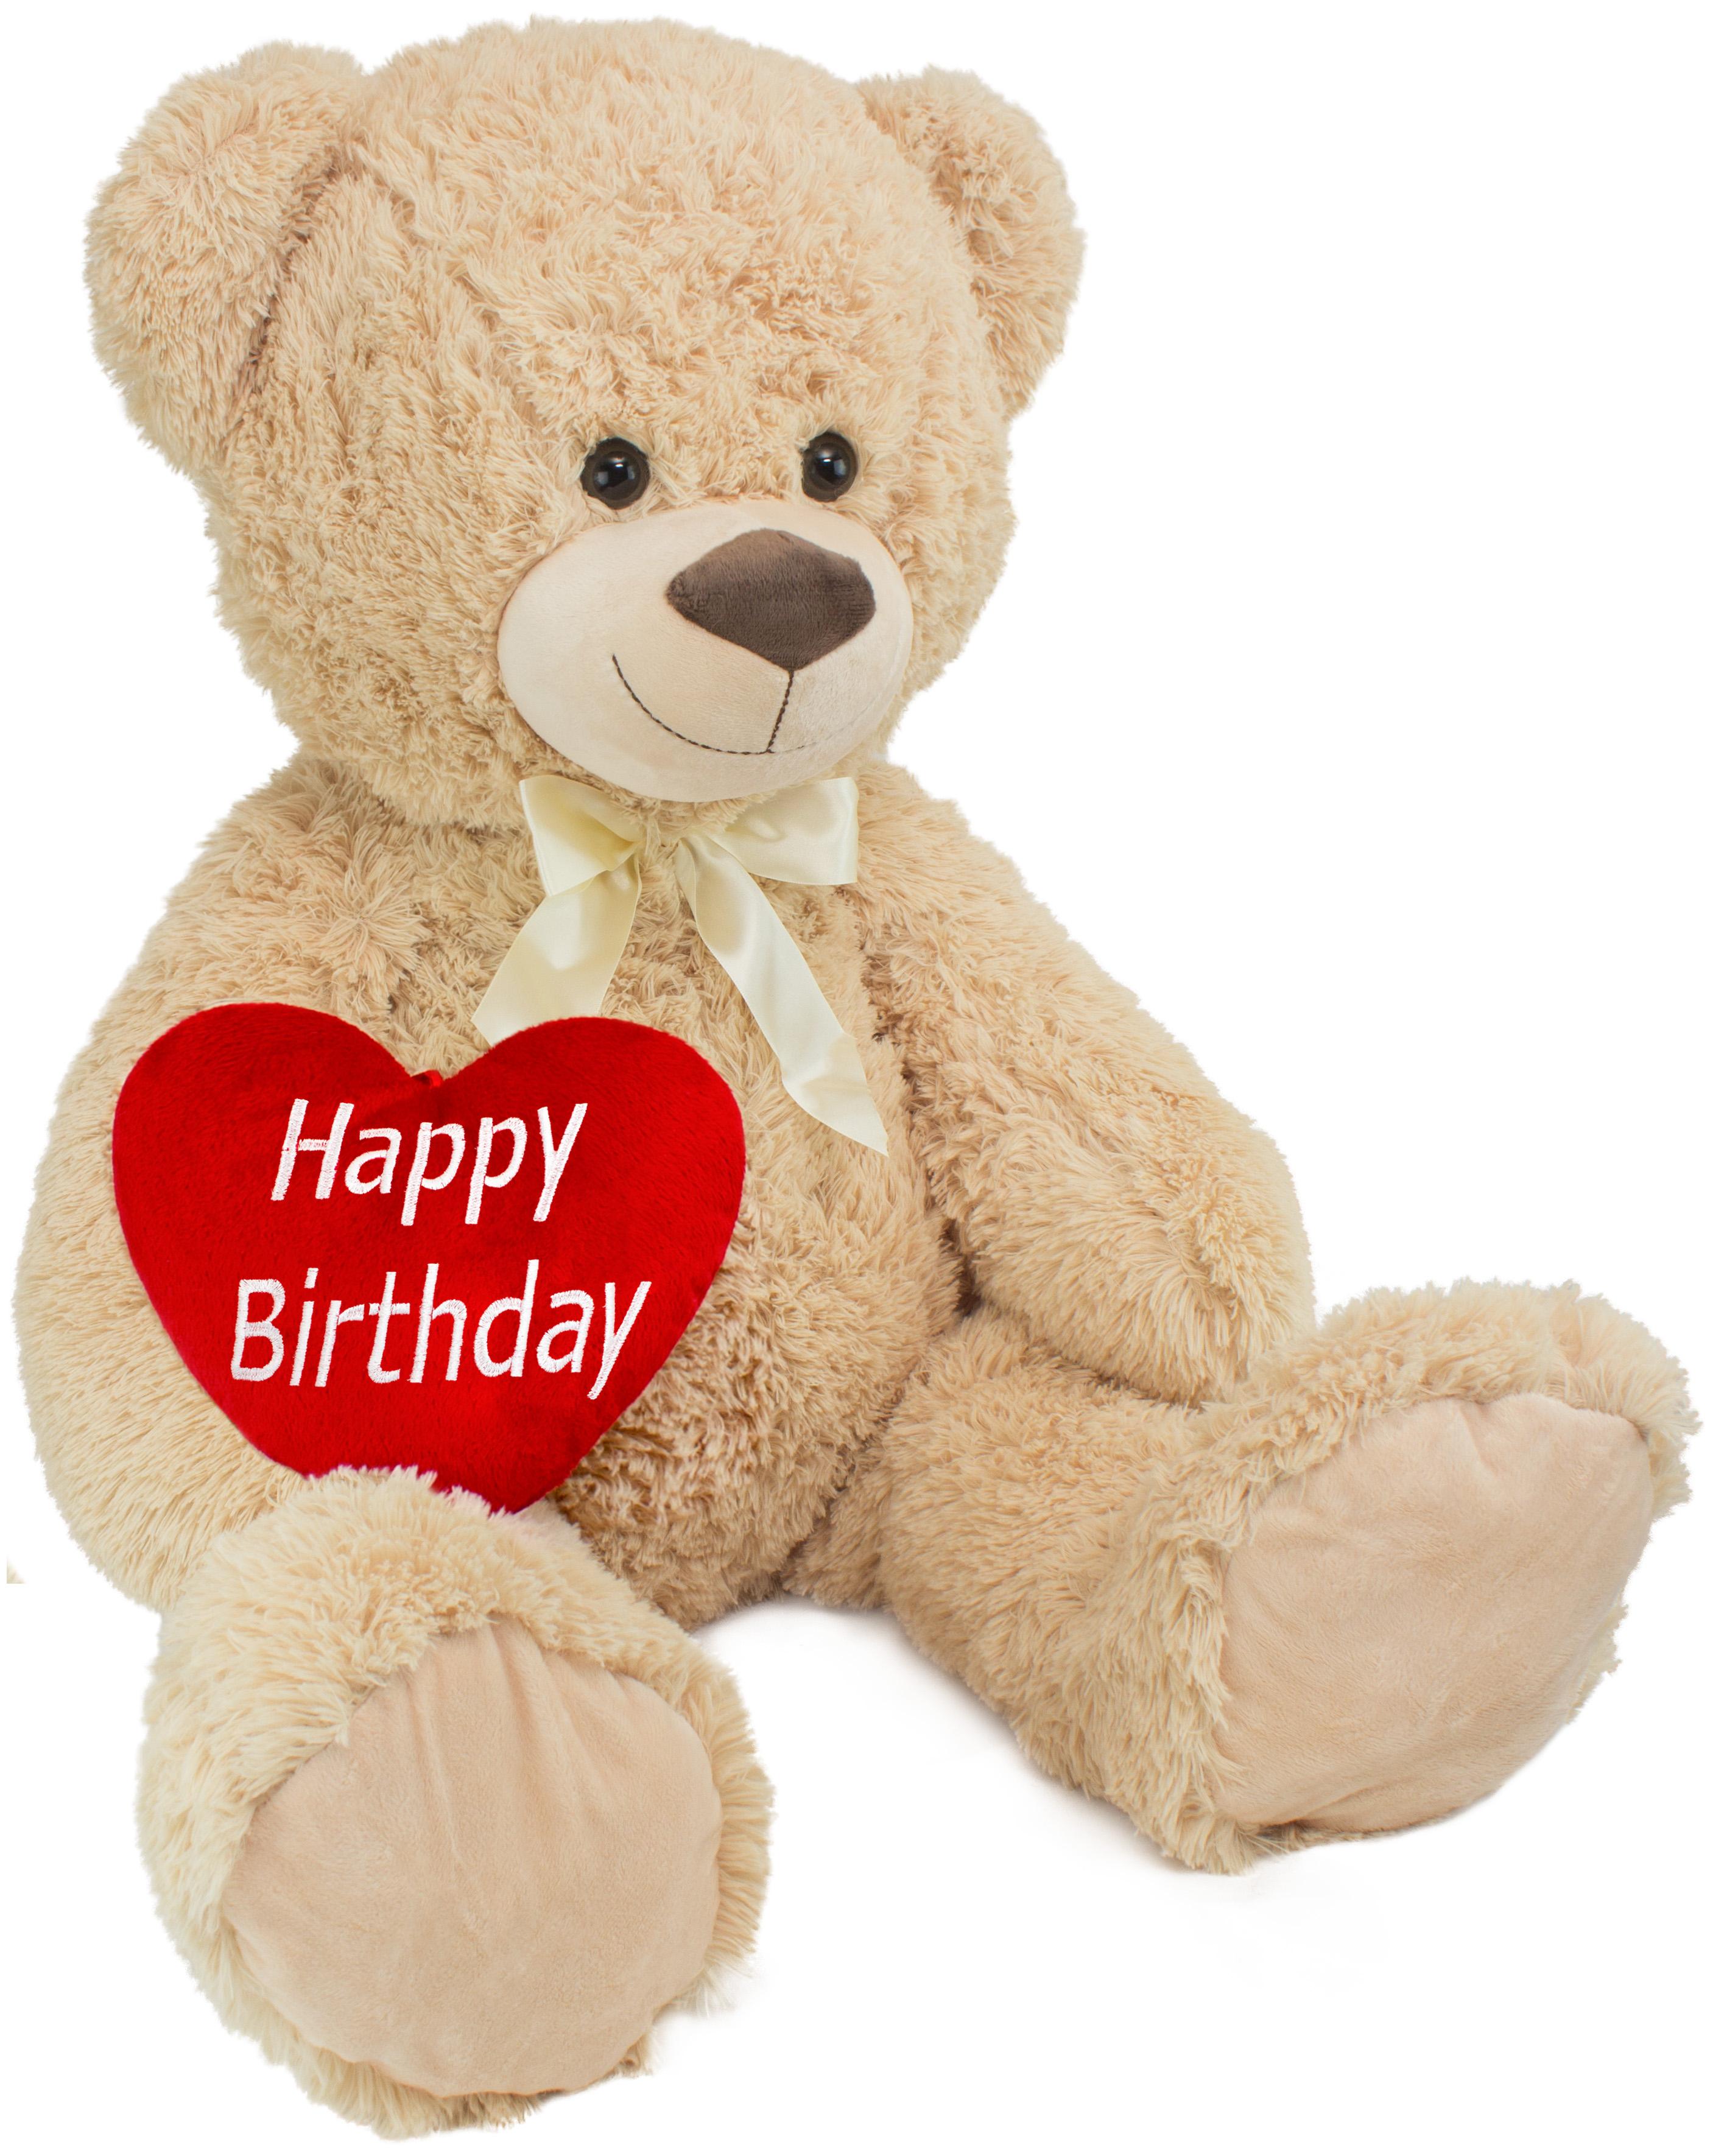 brubaker xxl teddyb r 100 cm gro beige mit einem happy birthday herz stofftier pl schtier. Black Bedroom Furniture Sets. Home Design Ideas